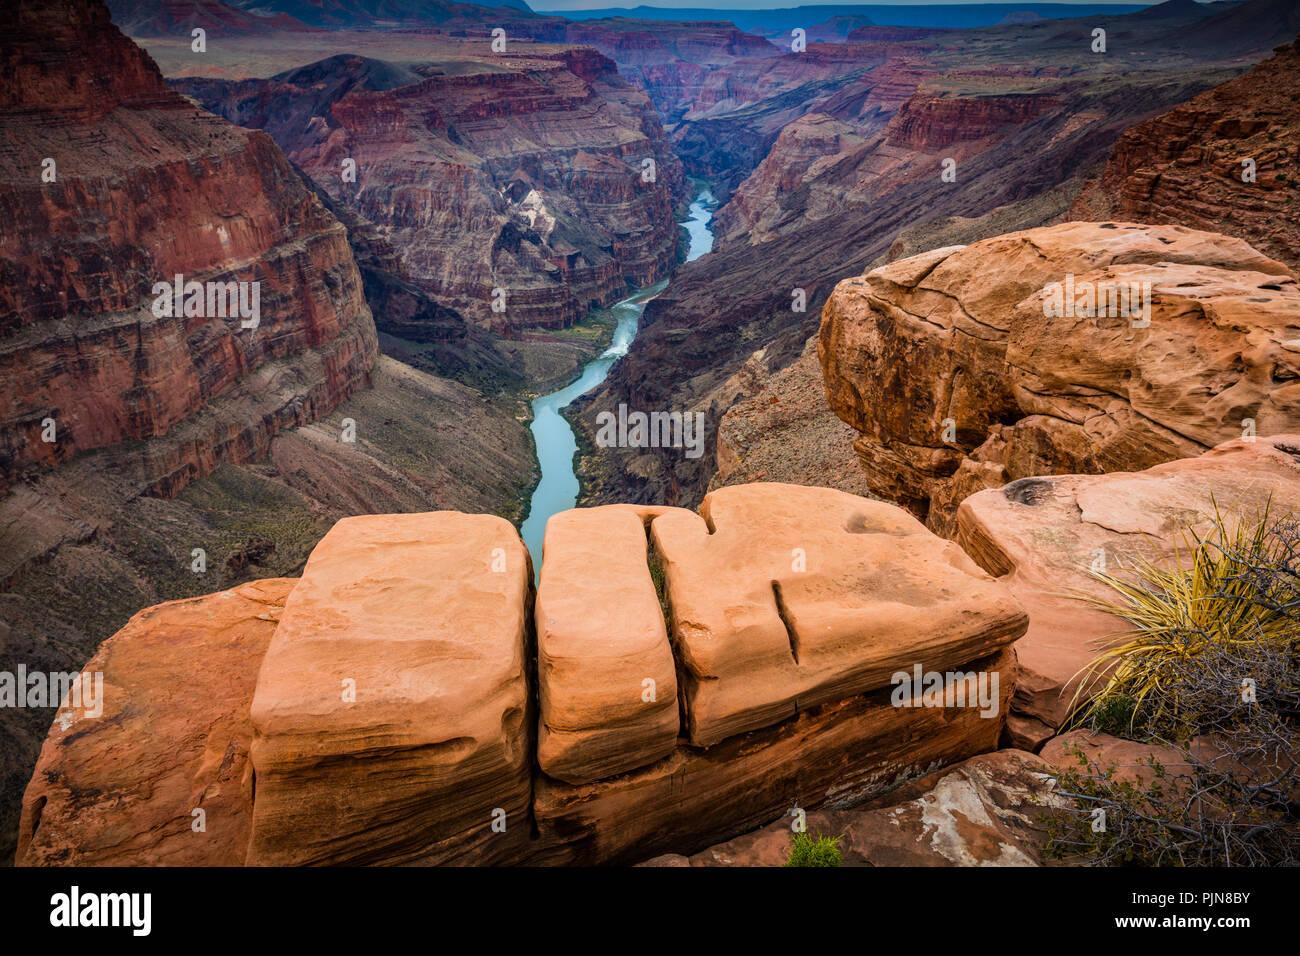 Grand Canyon de Toroweap Point. Le Grand Canyon est un canyon aux flancs abrupts sculptés par le fleuve Colorado dans l'état de l'Arizona. Photo Stock